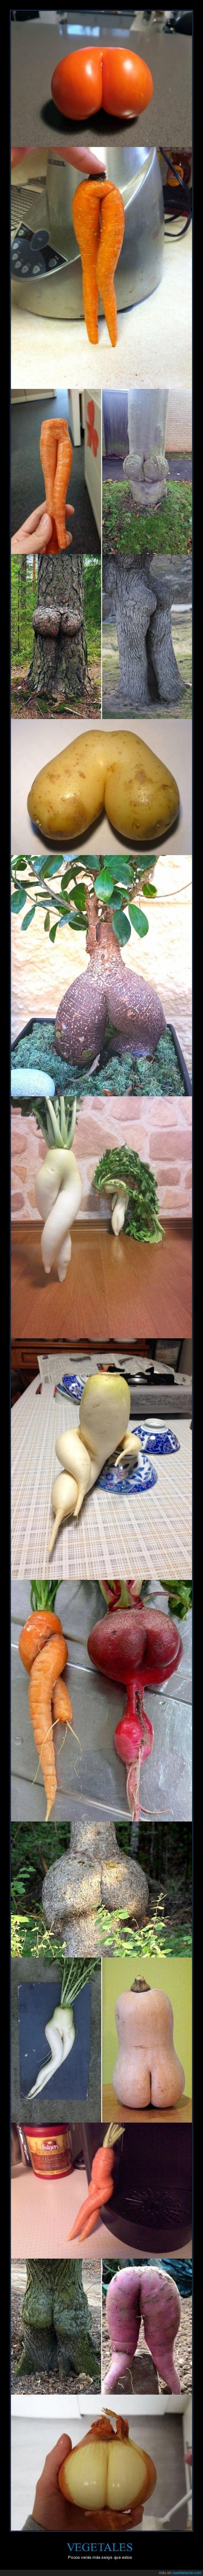 hortalizas,sexys,vegetales